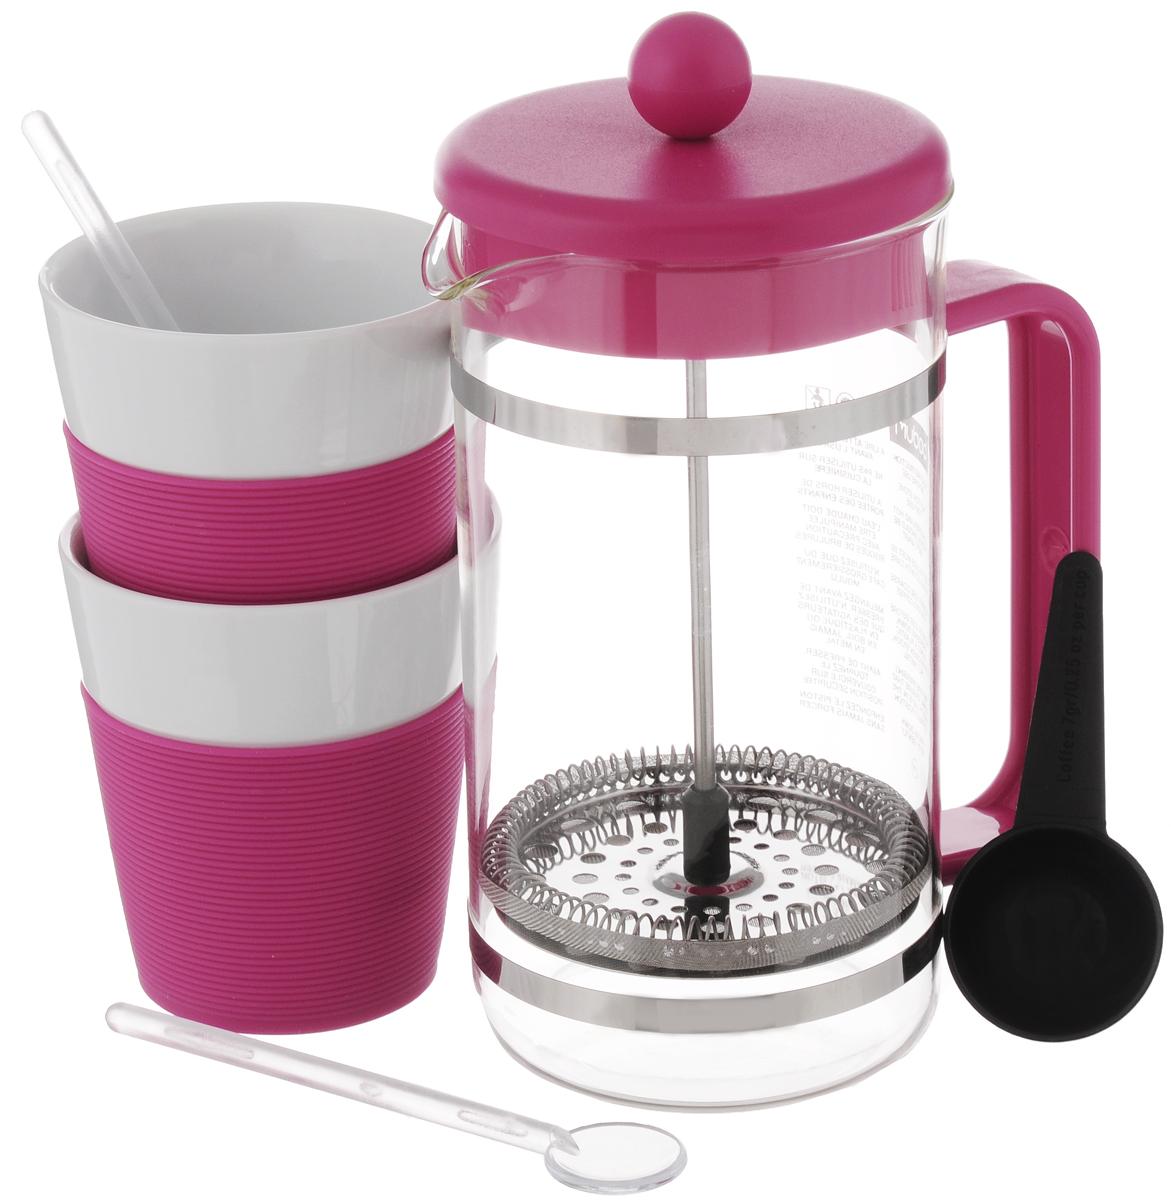 Набор кофейный Bodum Bistro, цвет: розовый, прозрачный, белый, 6 предметов. AK1508AK1508-957-Y15, AK1508-XY-Y15Кофейный набор Bodum Bistro состоит из чайника френч-пресса, 2 стаканов, 2 ложек и мерной ложки. Френч-пресс выполнен из высококачественного жаропрочного стекла, нержавеющей стали и пластика. Френч-пресс - это заварочный чайник, который поможет быстро приготовить вкусный и ароматный чай или кофе. Металлический нержавеющий фильтр задерживает чайные листочки и частички зерен кофе. Засыпая чайную заварку или кофе под фильтр, заливая горячей водой, вы получаете ароматный напиток с оптимальной крепостью и насыщенностью. Остановить процесс заваривания легко, для этого нужно просто опустить поршень, и все уйдет вниз, оставляя сверху напиток, готовый к употреблению. Элегантные стаканы выполнены из высококачественного фарфора и оснащены резиновой вставкой, защищающей ваши руки от высоких температур. Ложки изготовлены из пластика. Яркий и стильный набор украсит стол к чаепитию и станет чудесным подарком к любому случаю. Изделия можно мыть в посудомоечной машине.Объем френч-пресса: 1 л. Диаметр френч-пресса (по верхнему краю): 10 см. Высота френч-пресса: 21,5 см. Объем стакана: 300 мл. Диаметр стакана по верхнему краю: 8,5 см. Высота стакана: 10 см. Длина мерной ложки: 10 см.Длина ложек: 14 см.